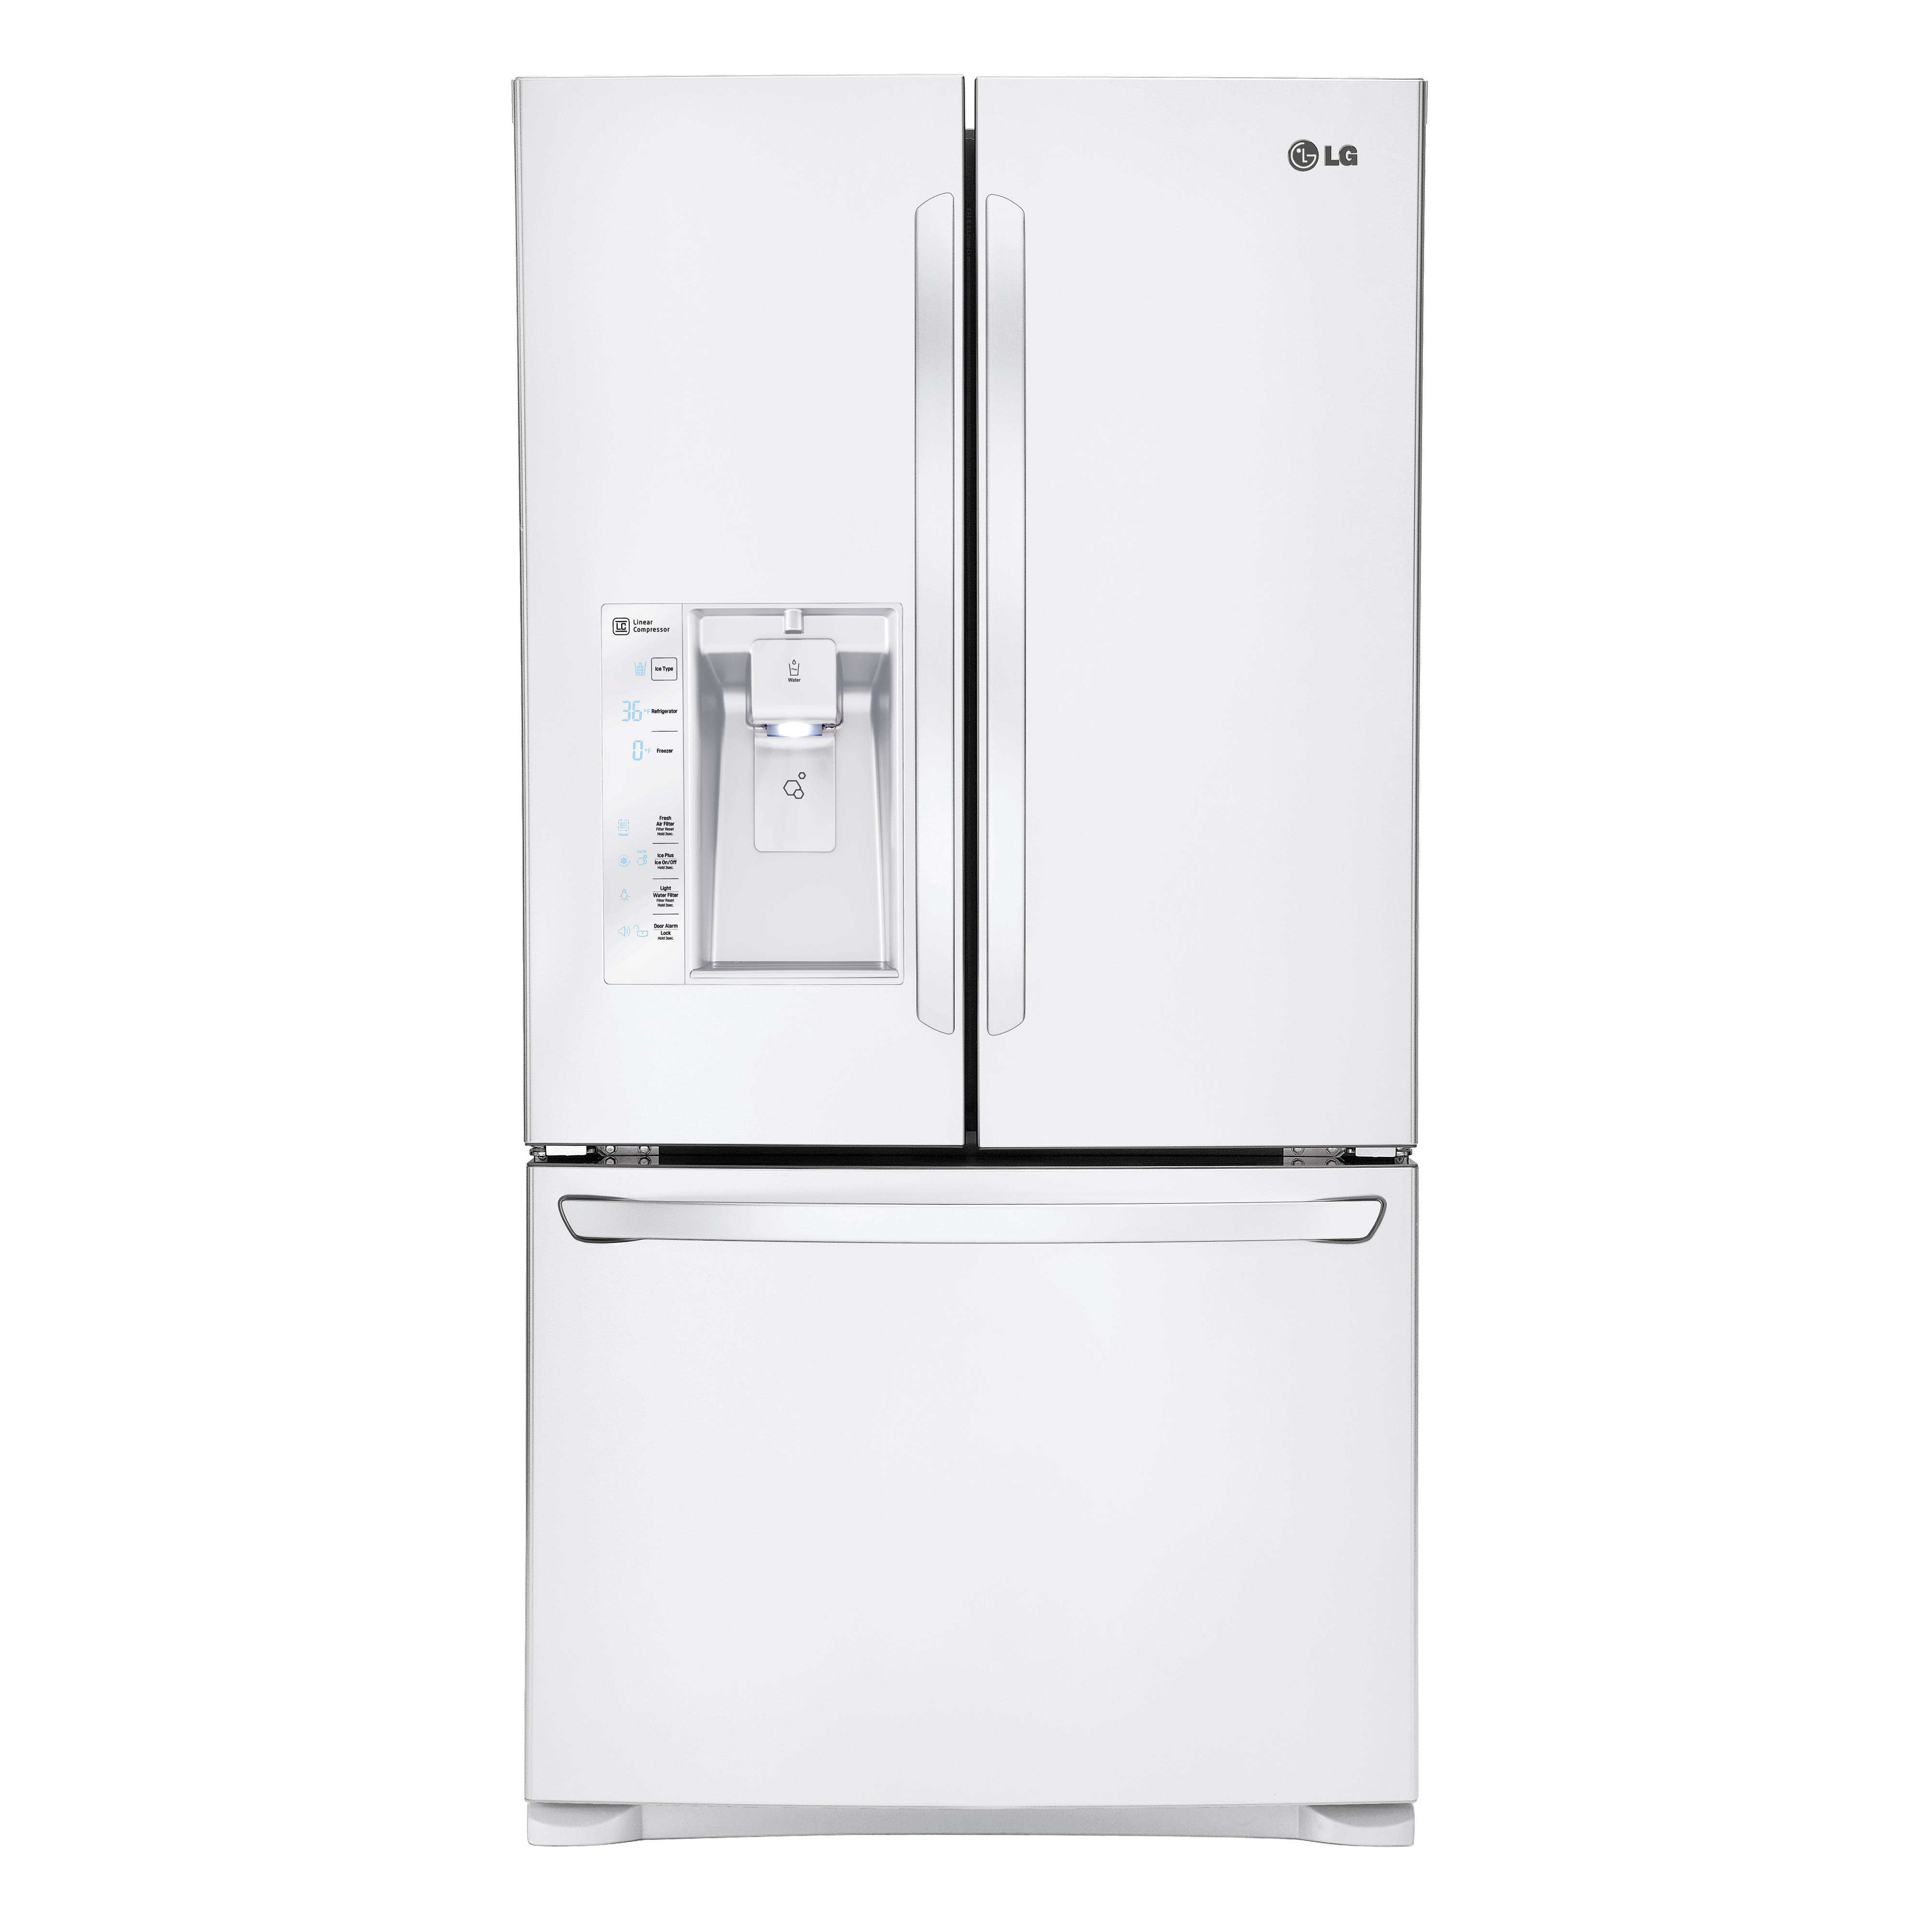 LG Appliances French Door Refrigerators 29 Cu. Ft. 3 Door French Door Fridge - Item Number: LFXS29626W